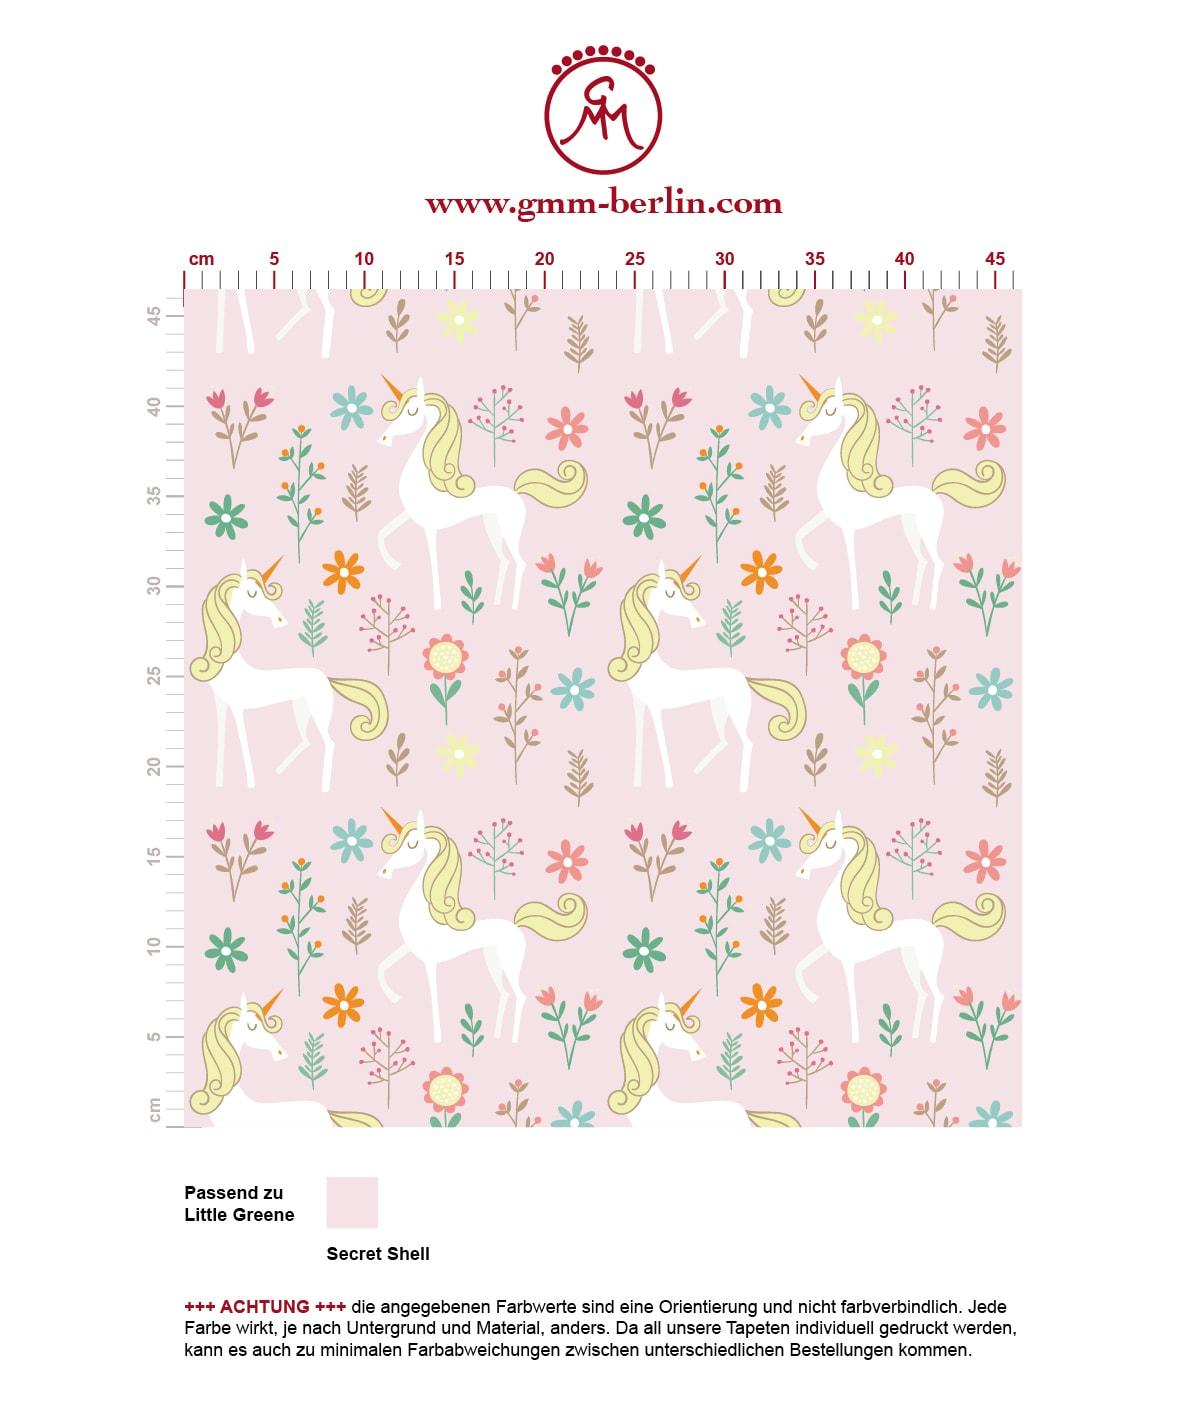 Kinder Traum Tapete mit magischem Einhorn auf rosa angepasst an Little Greene Wandfarben. Aus dem GMM-BERLIN.com Sortiment: Schöne Tapeten in der Farbe: hell rosa